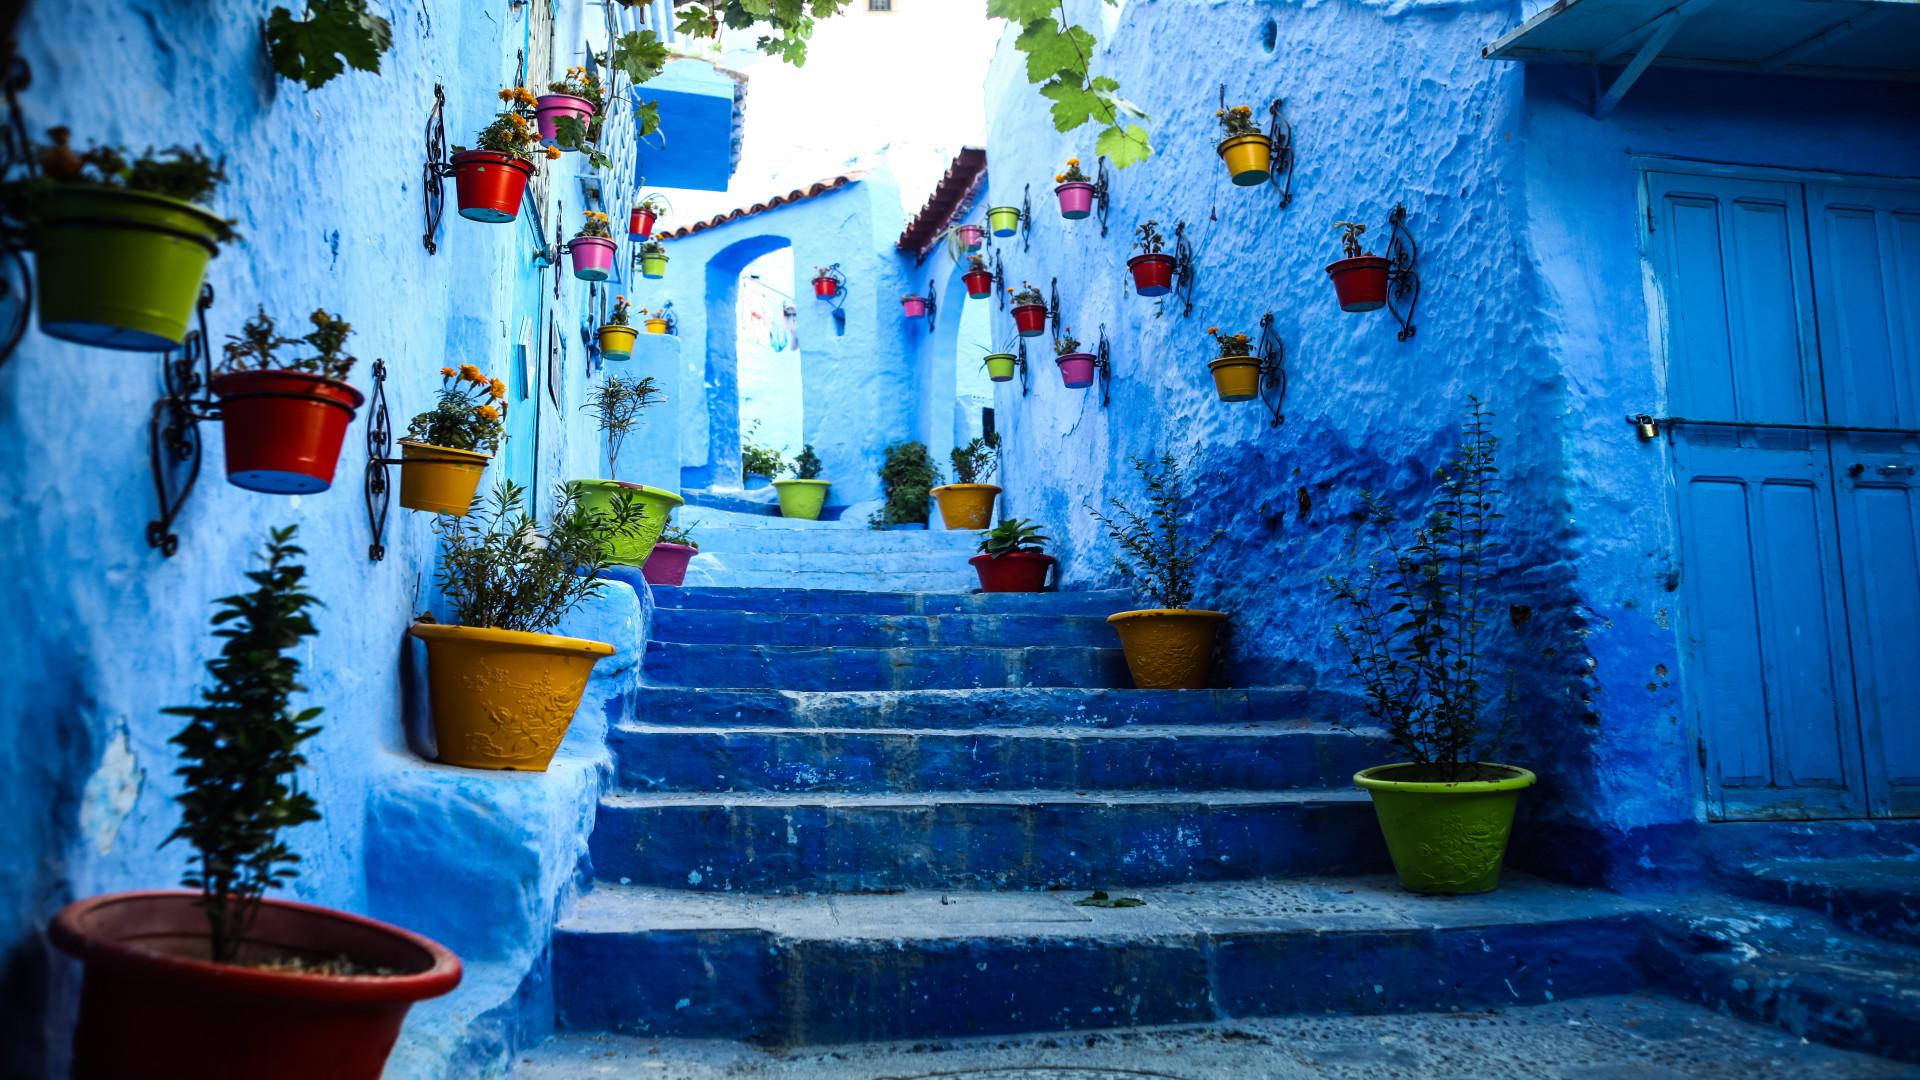 Blauw straatje met gekleurde potten, Chefchaouen Marokko